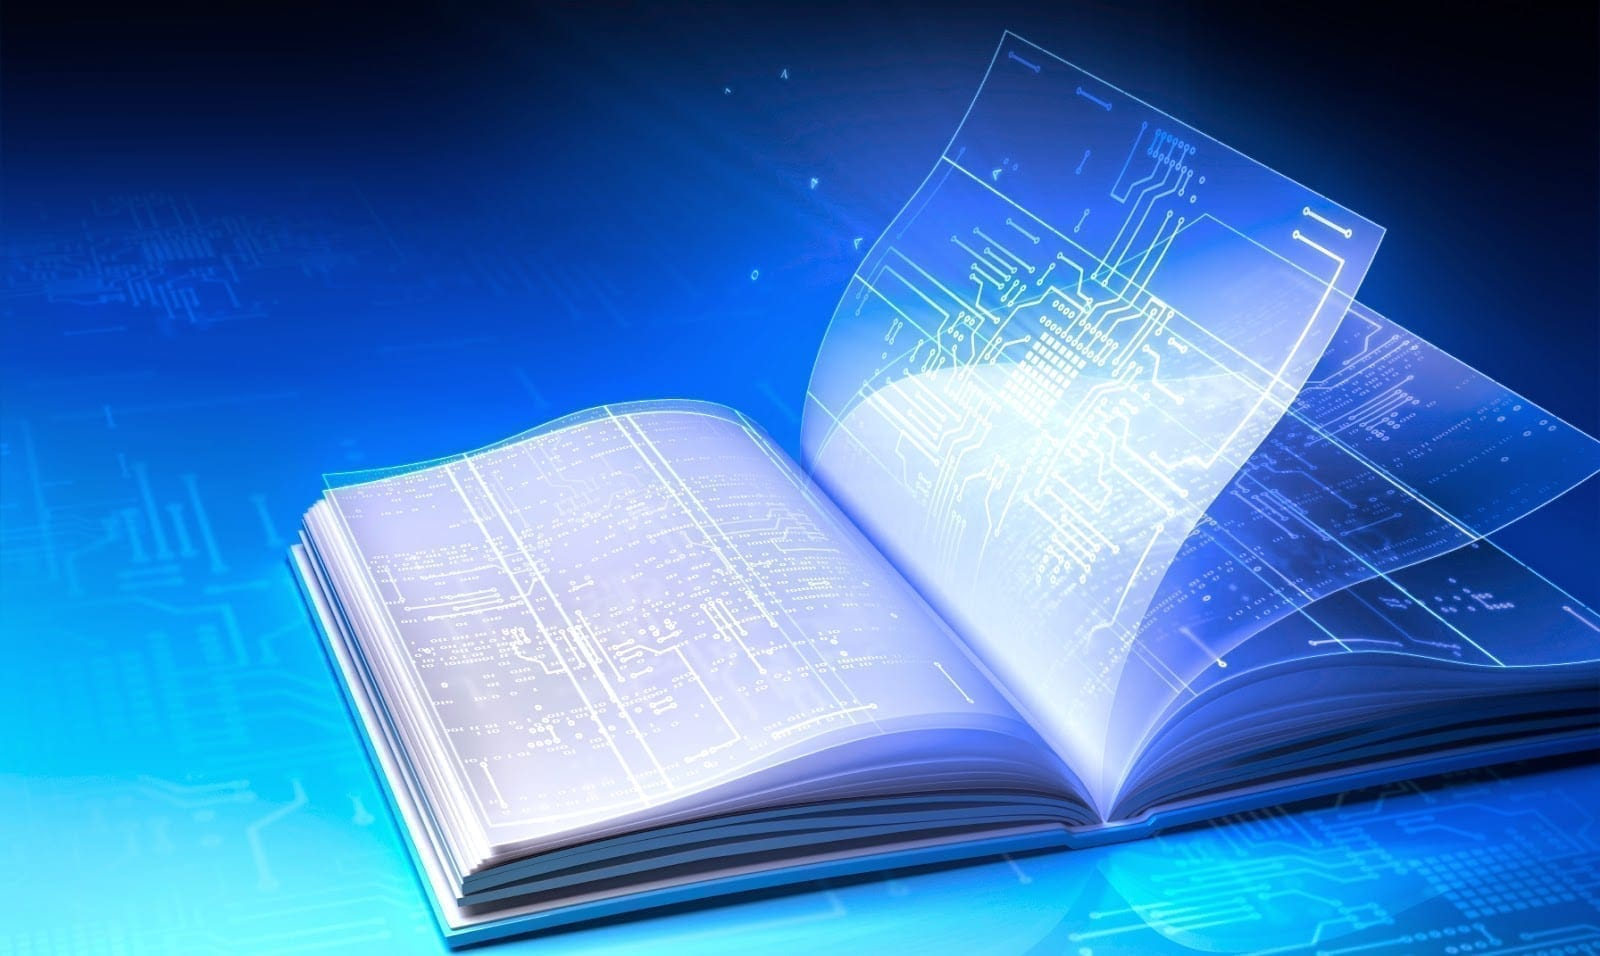 como criar um livro digital de sucesso D